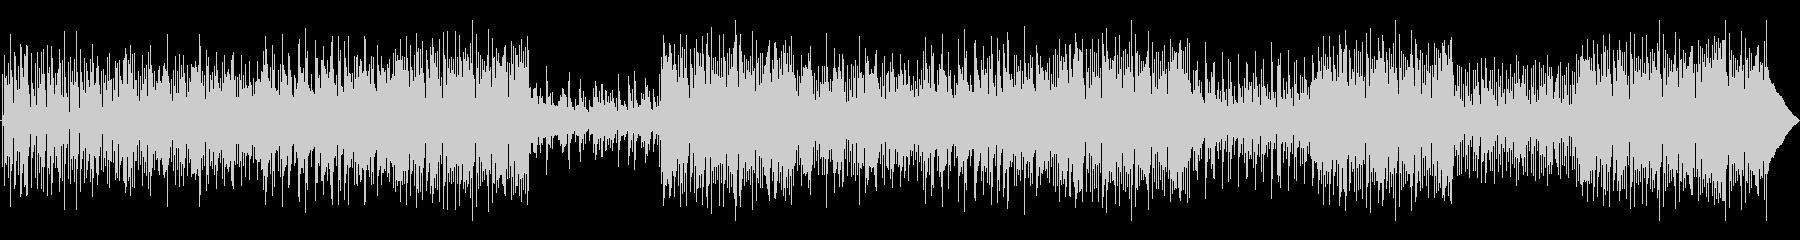 エレクトリックピアノ、ギター、ハン...の未再生の波形